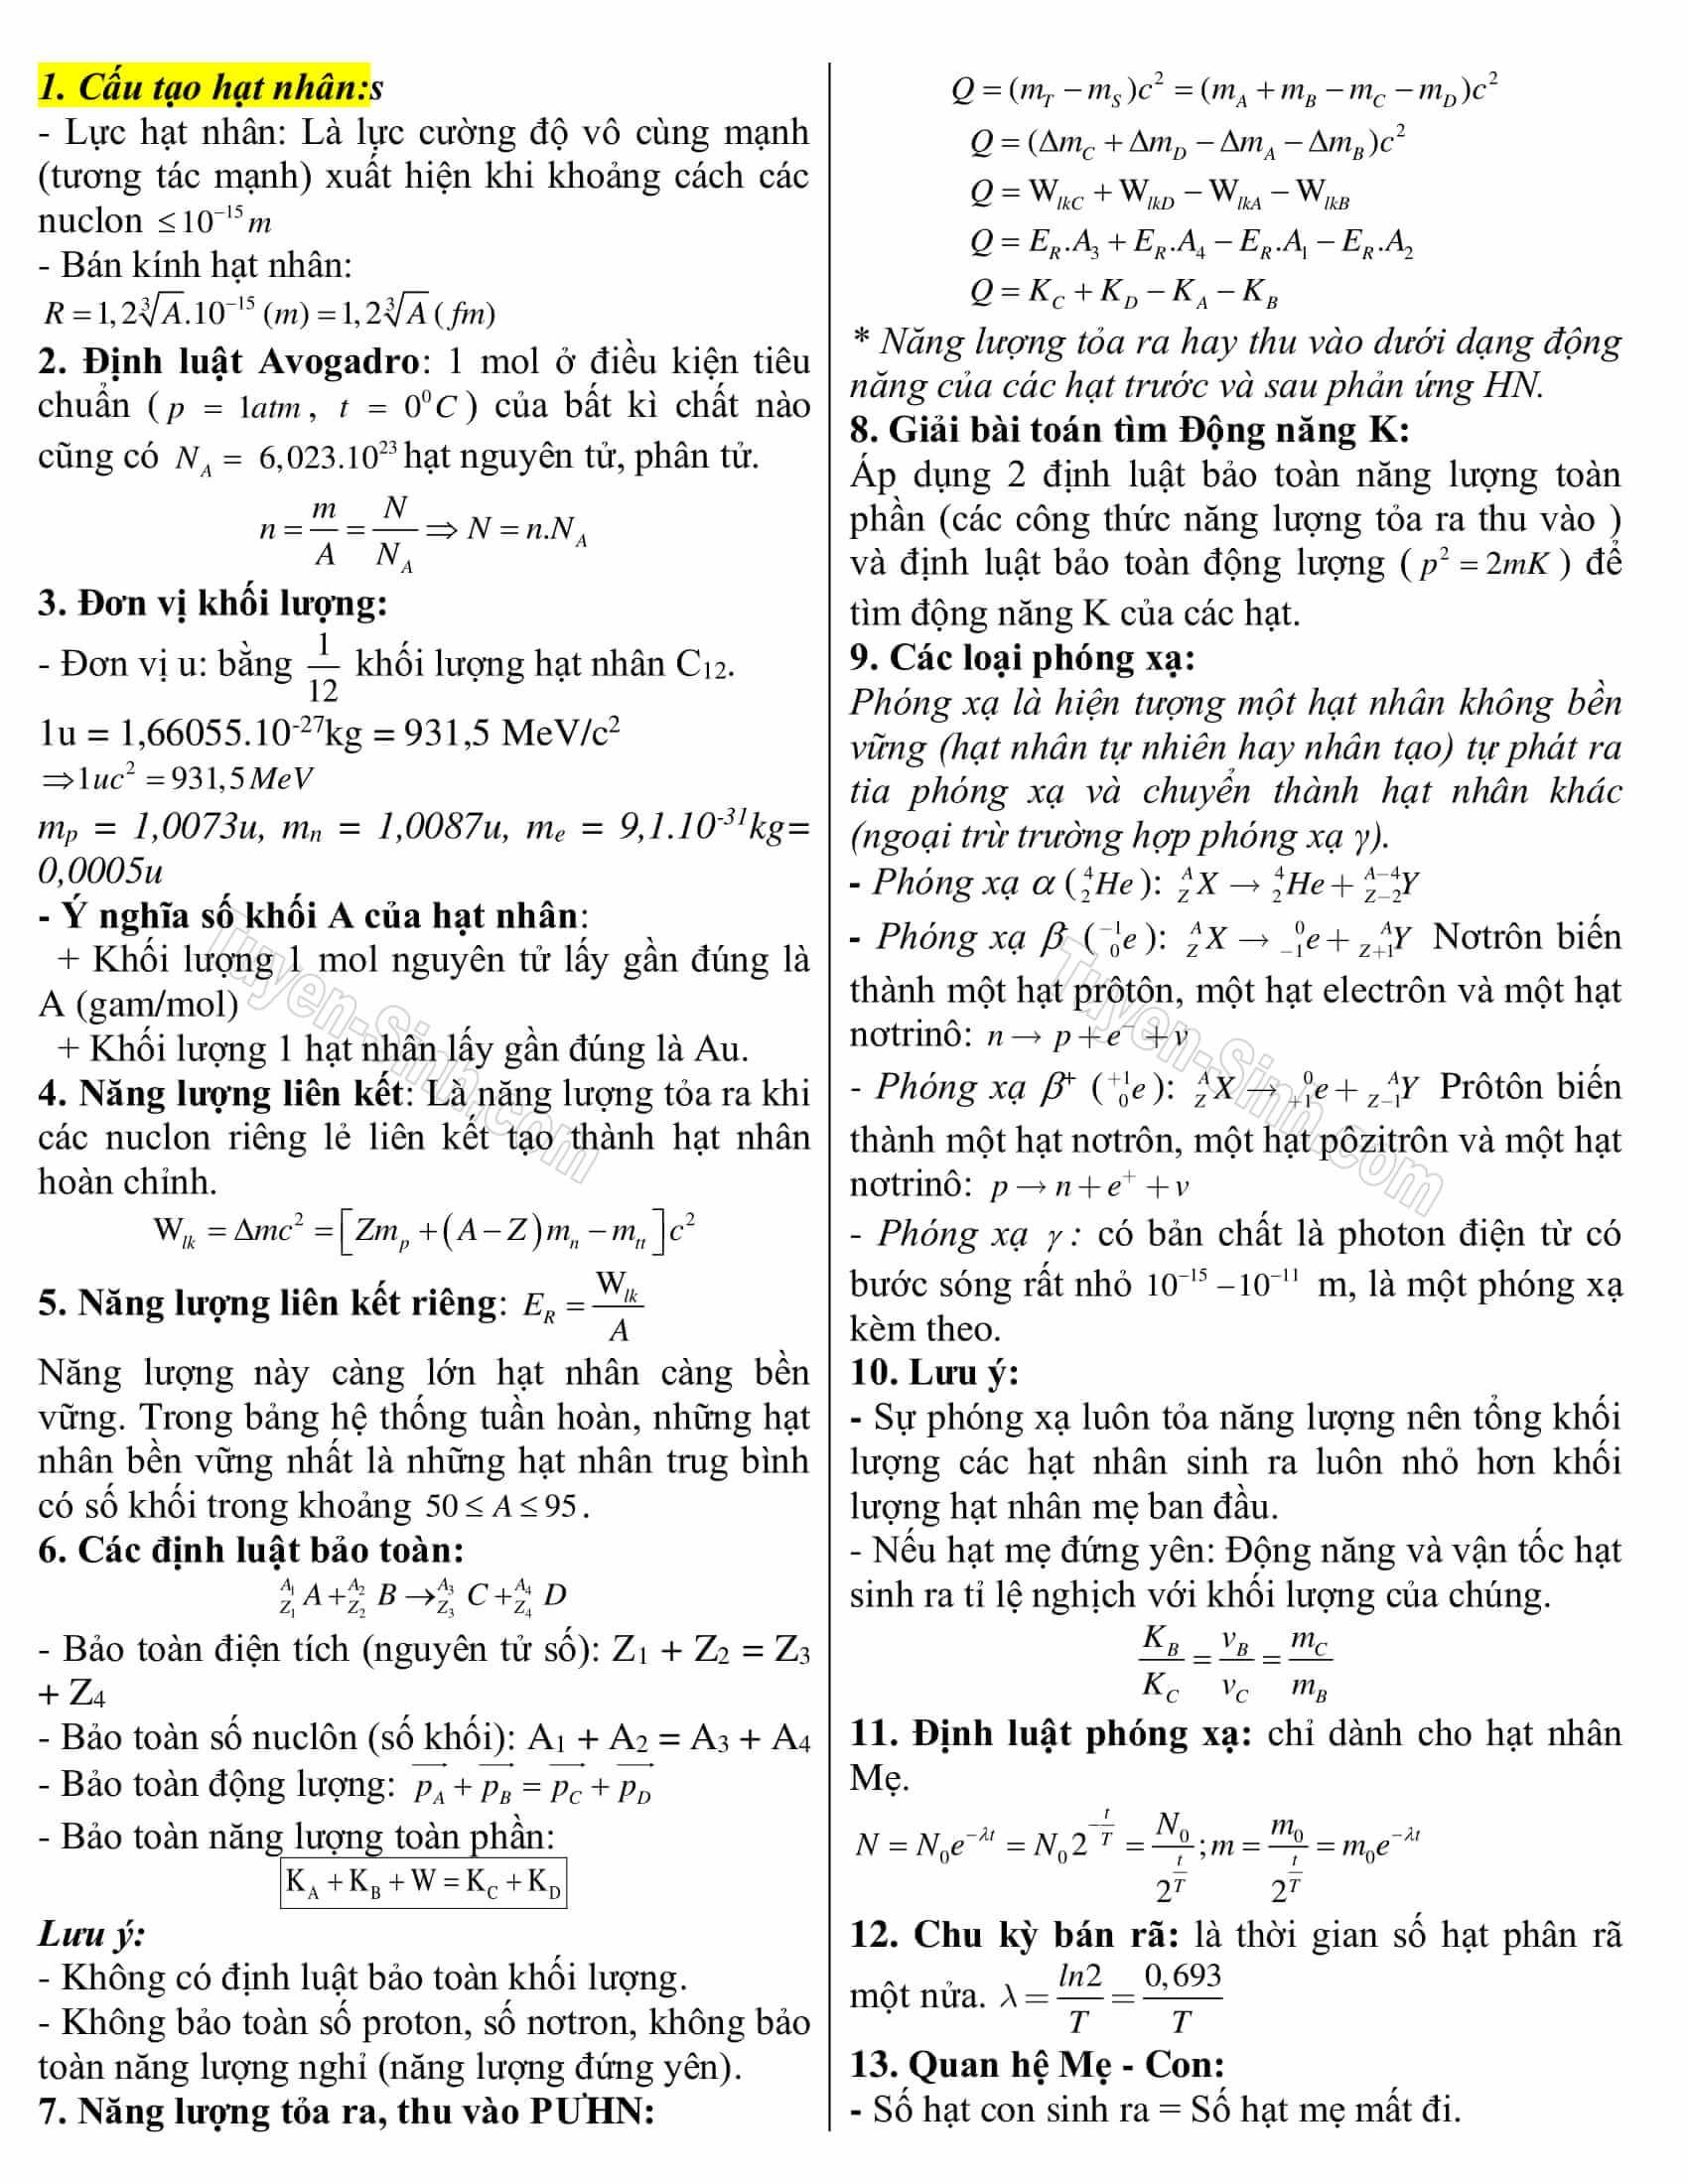 cách nhớ công thức vật lý 12